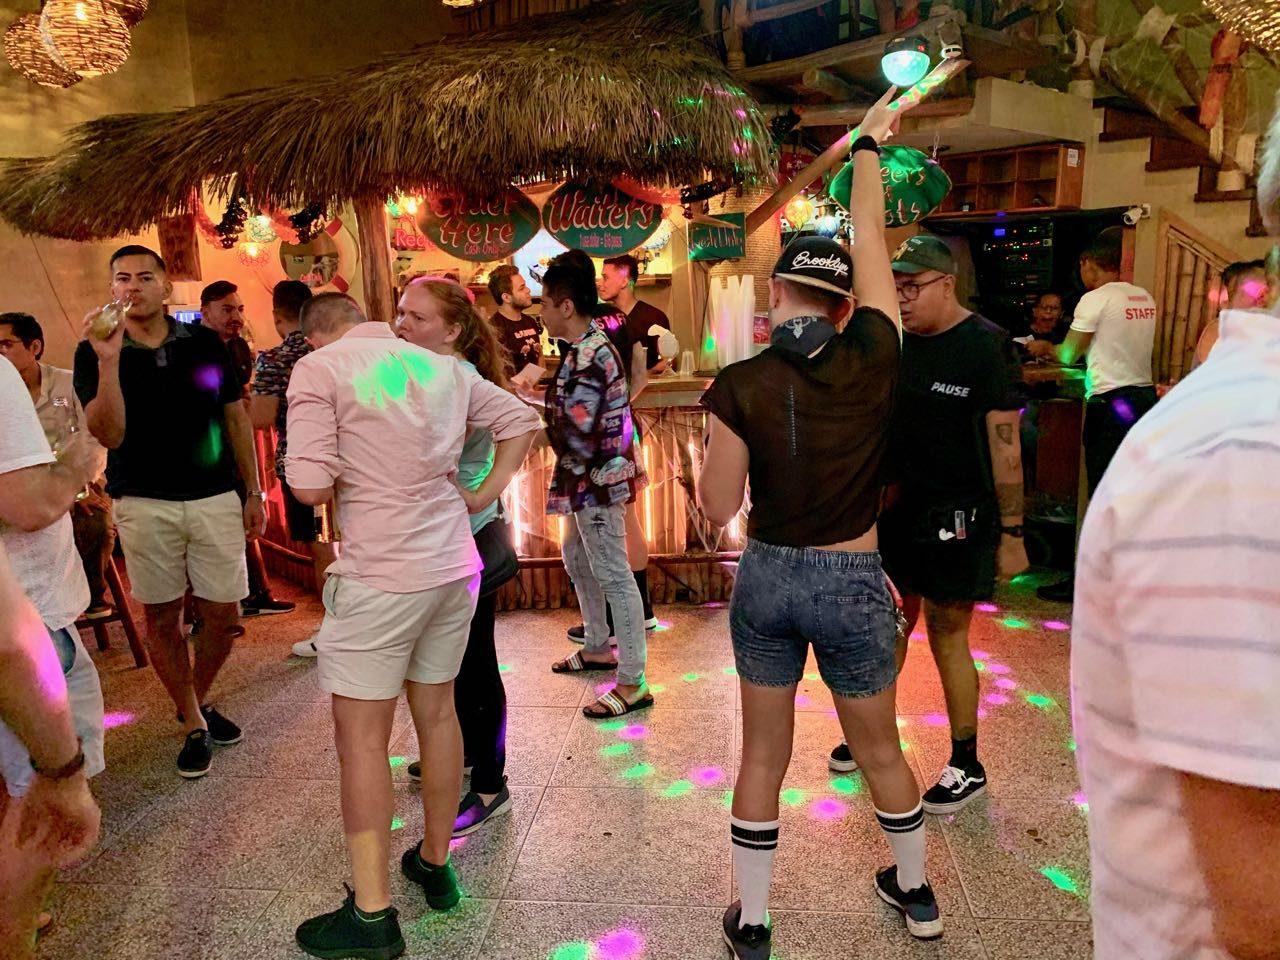 Gay Bars Puerto Vallarta: Start the evening at Mr. Flamingo.